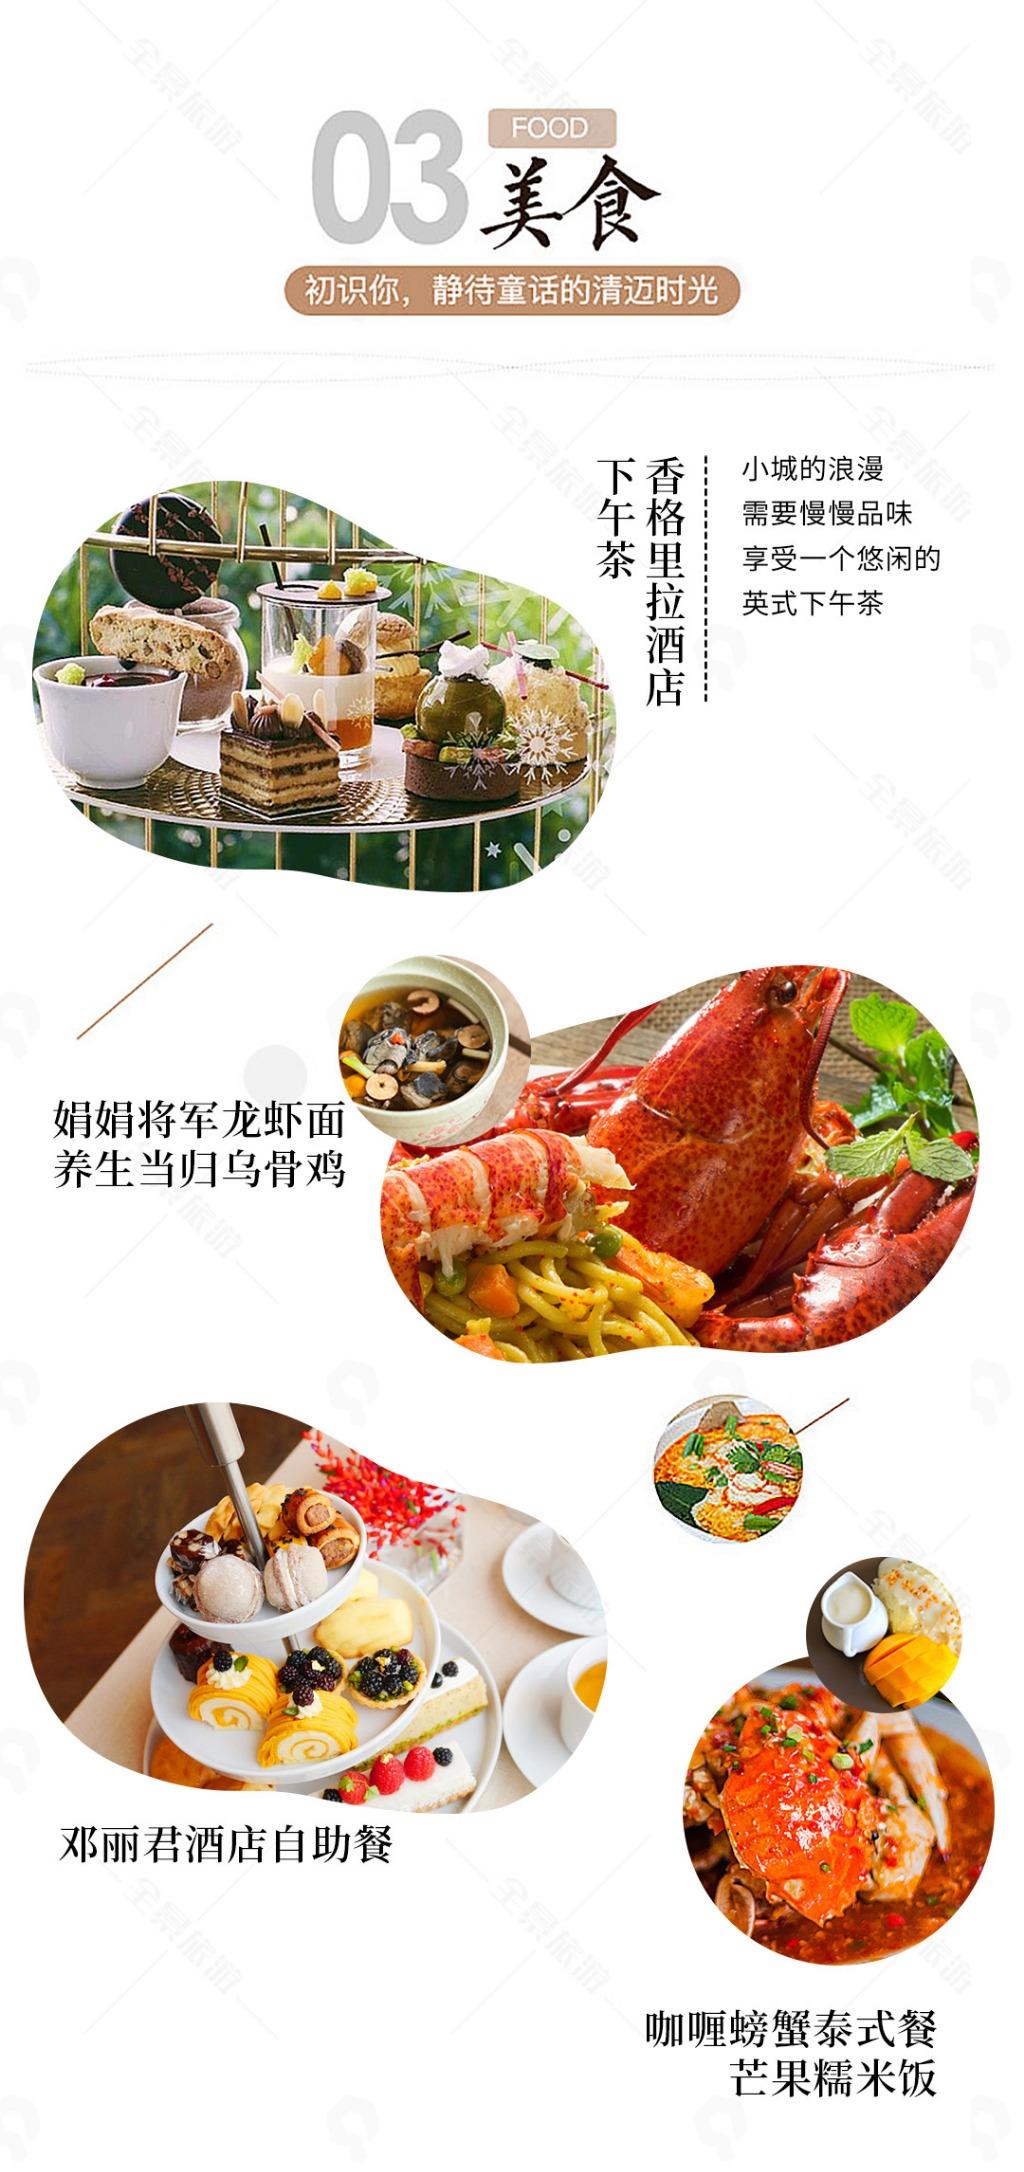 里拉下午茶+邓丽君酒店自助餐』升1晚清莱泳别墅栋独连江图片